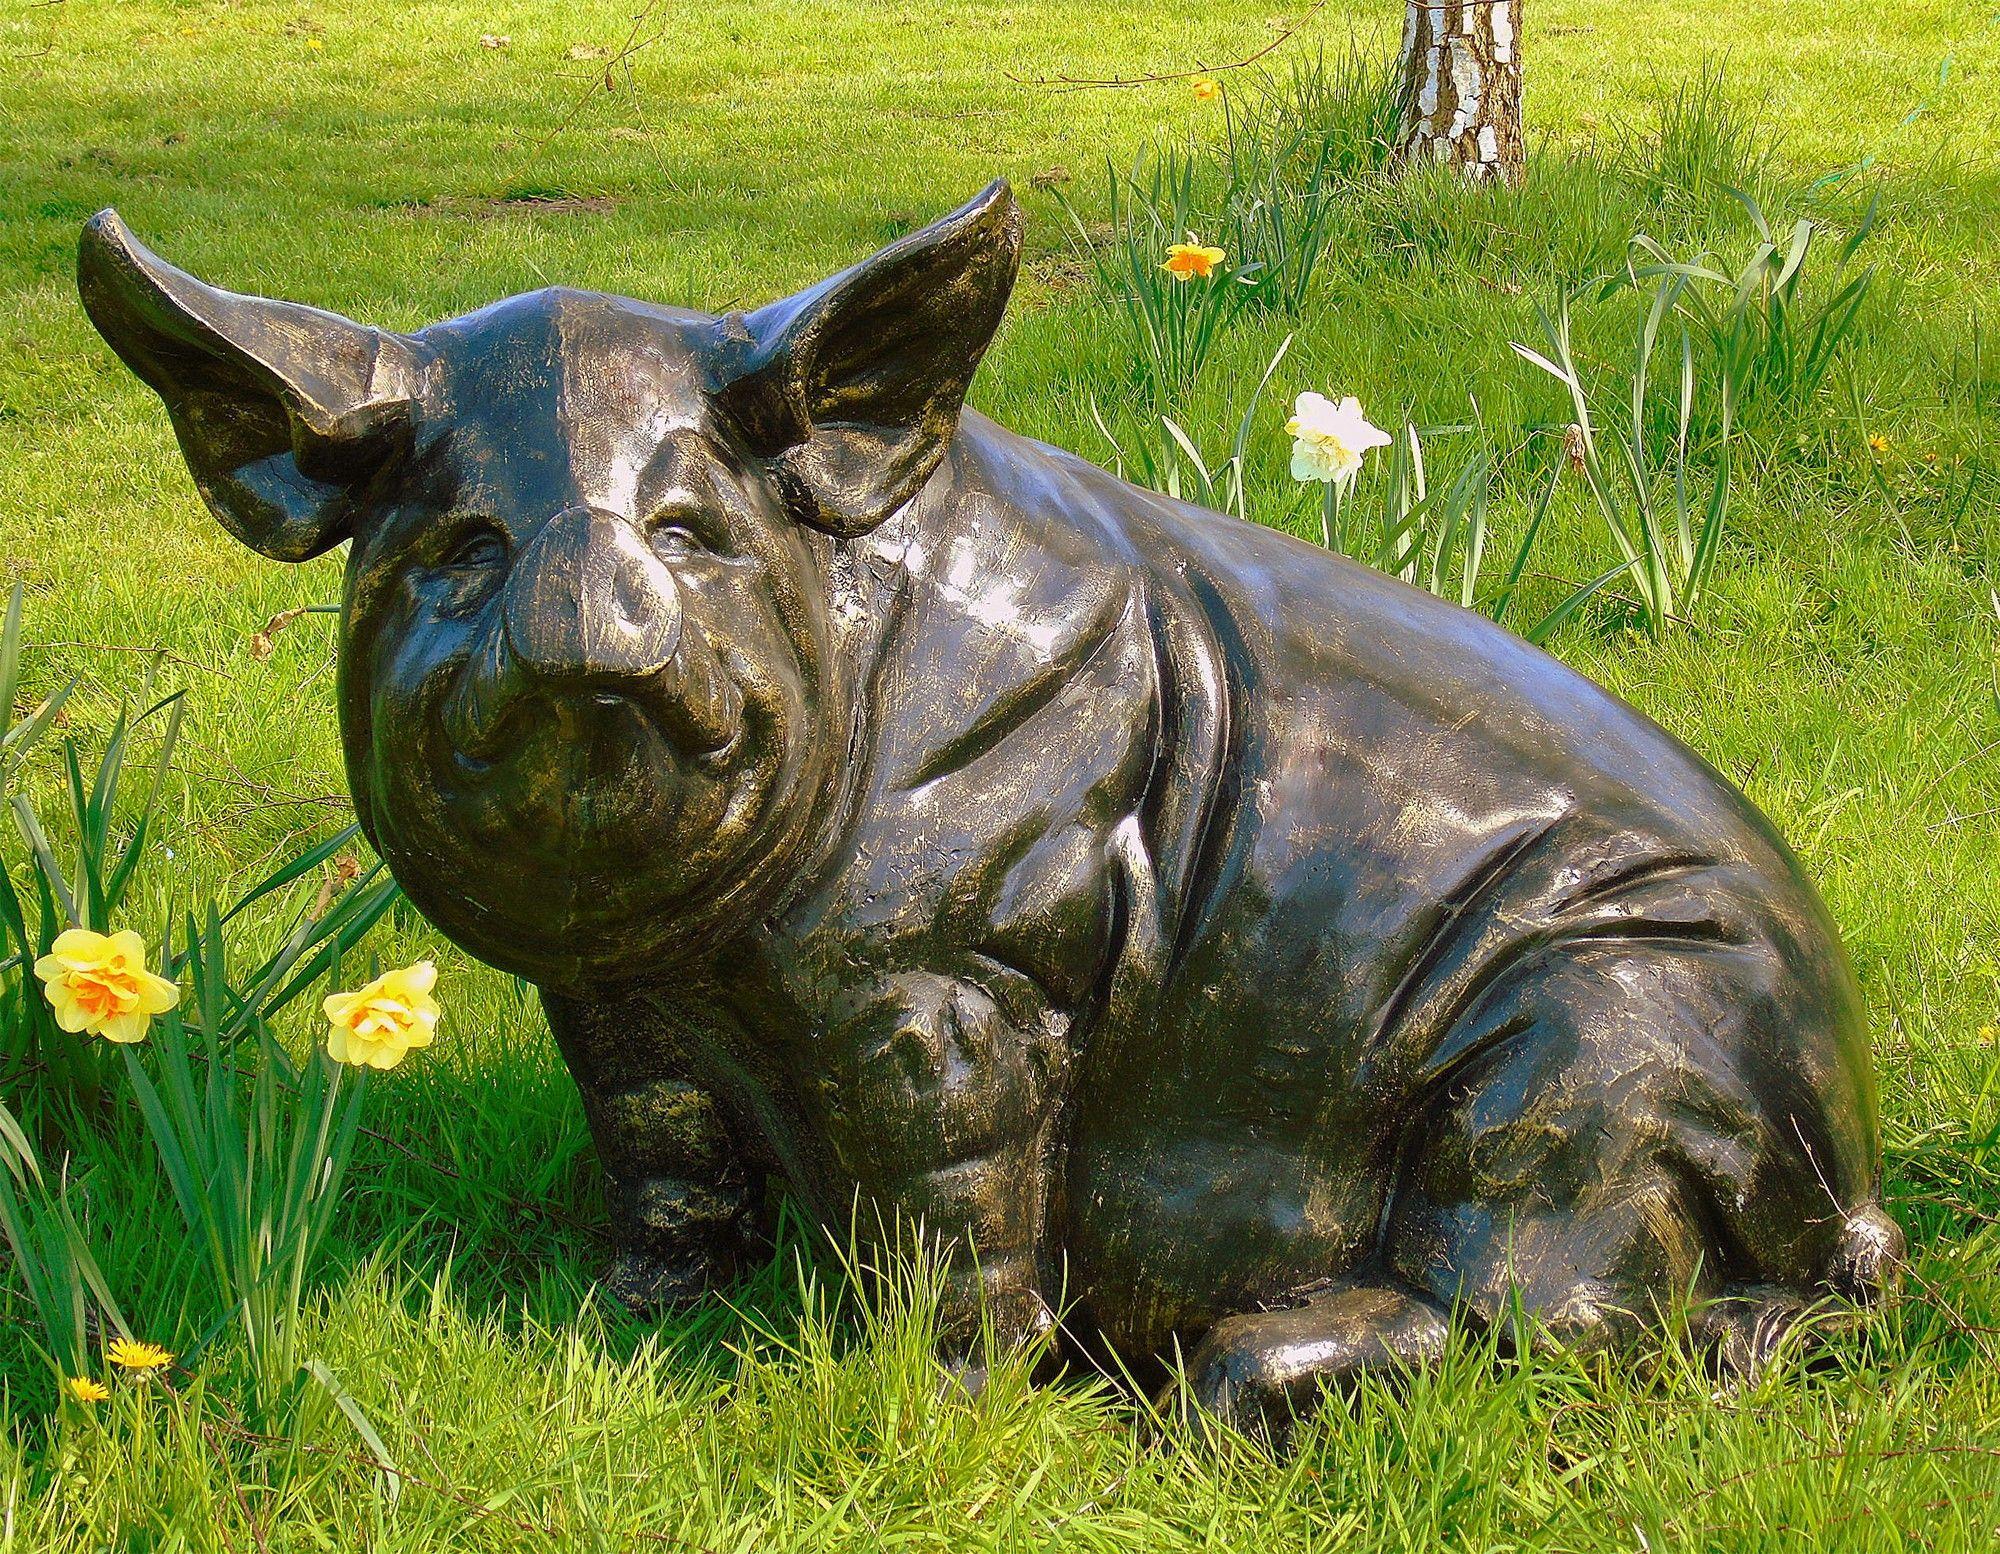 Wild Pig Bronze Metal Garden Statue. Buy Now At Http://www.